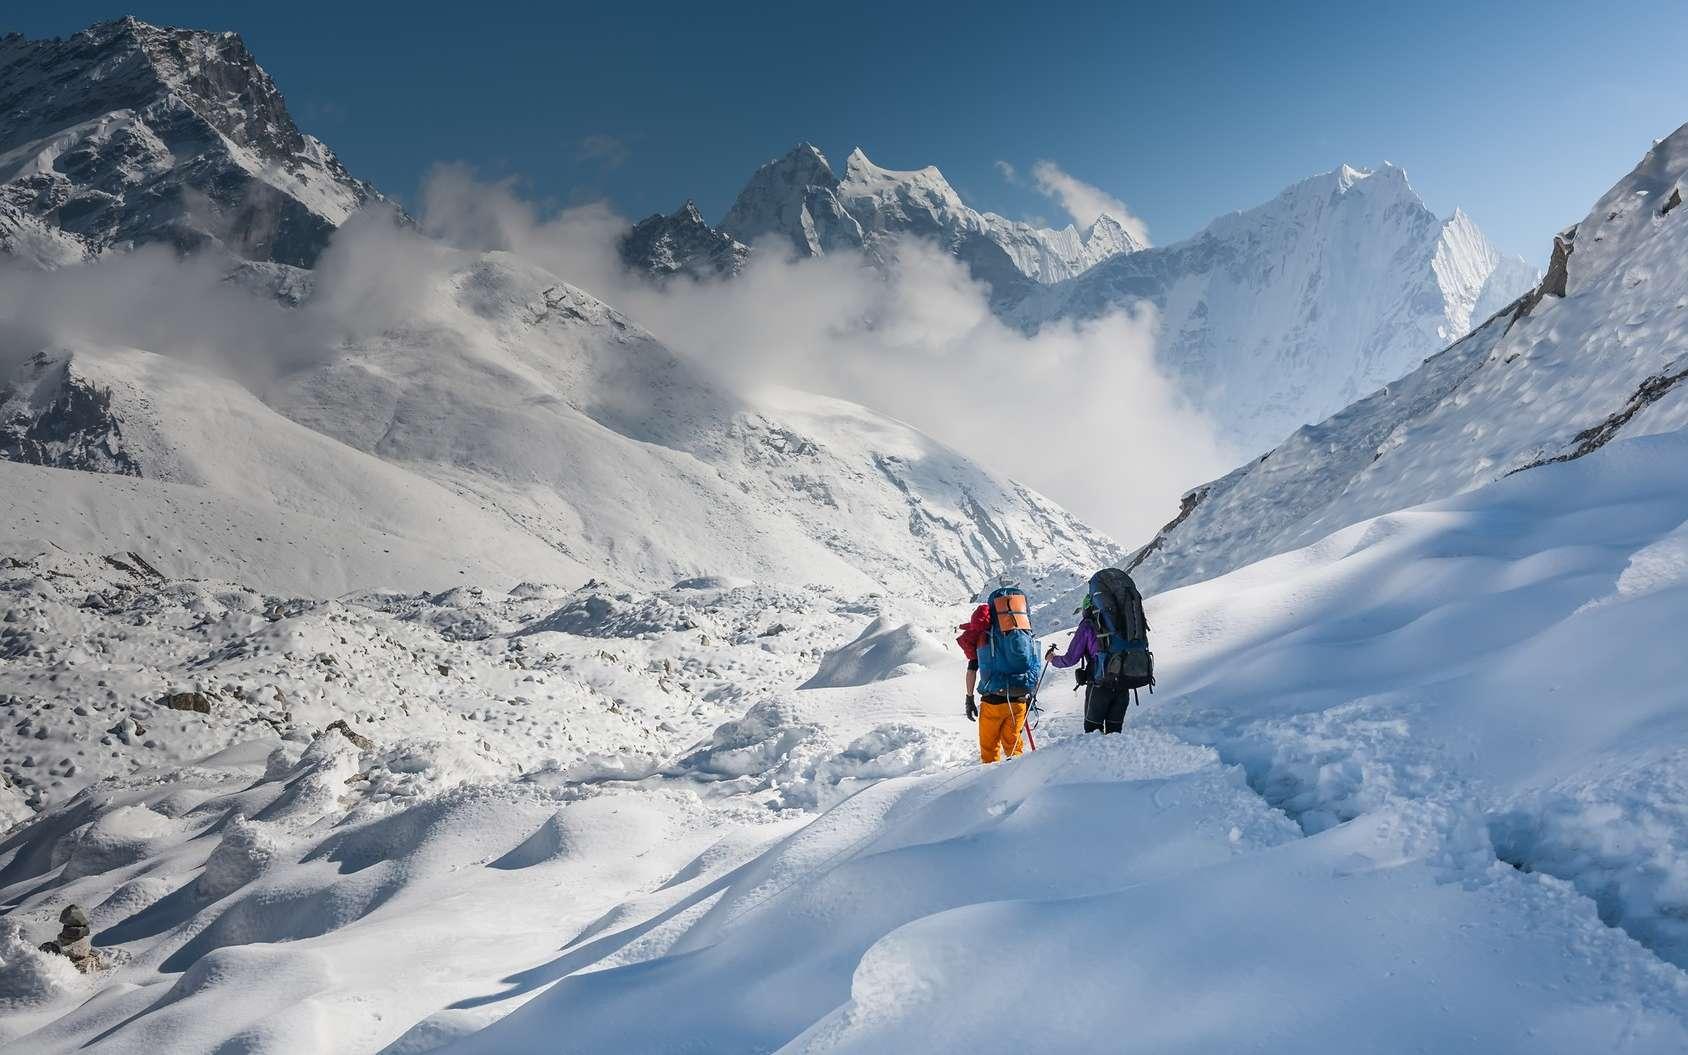 L'alpiniste pense être accompagné et en fait c'est une hallucination… © Maygutyak, Fotolia